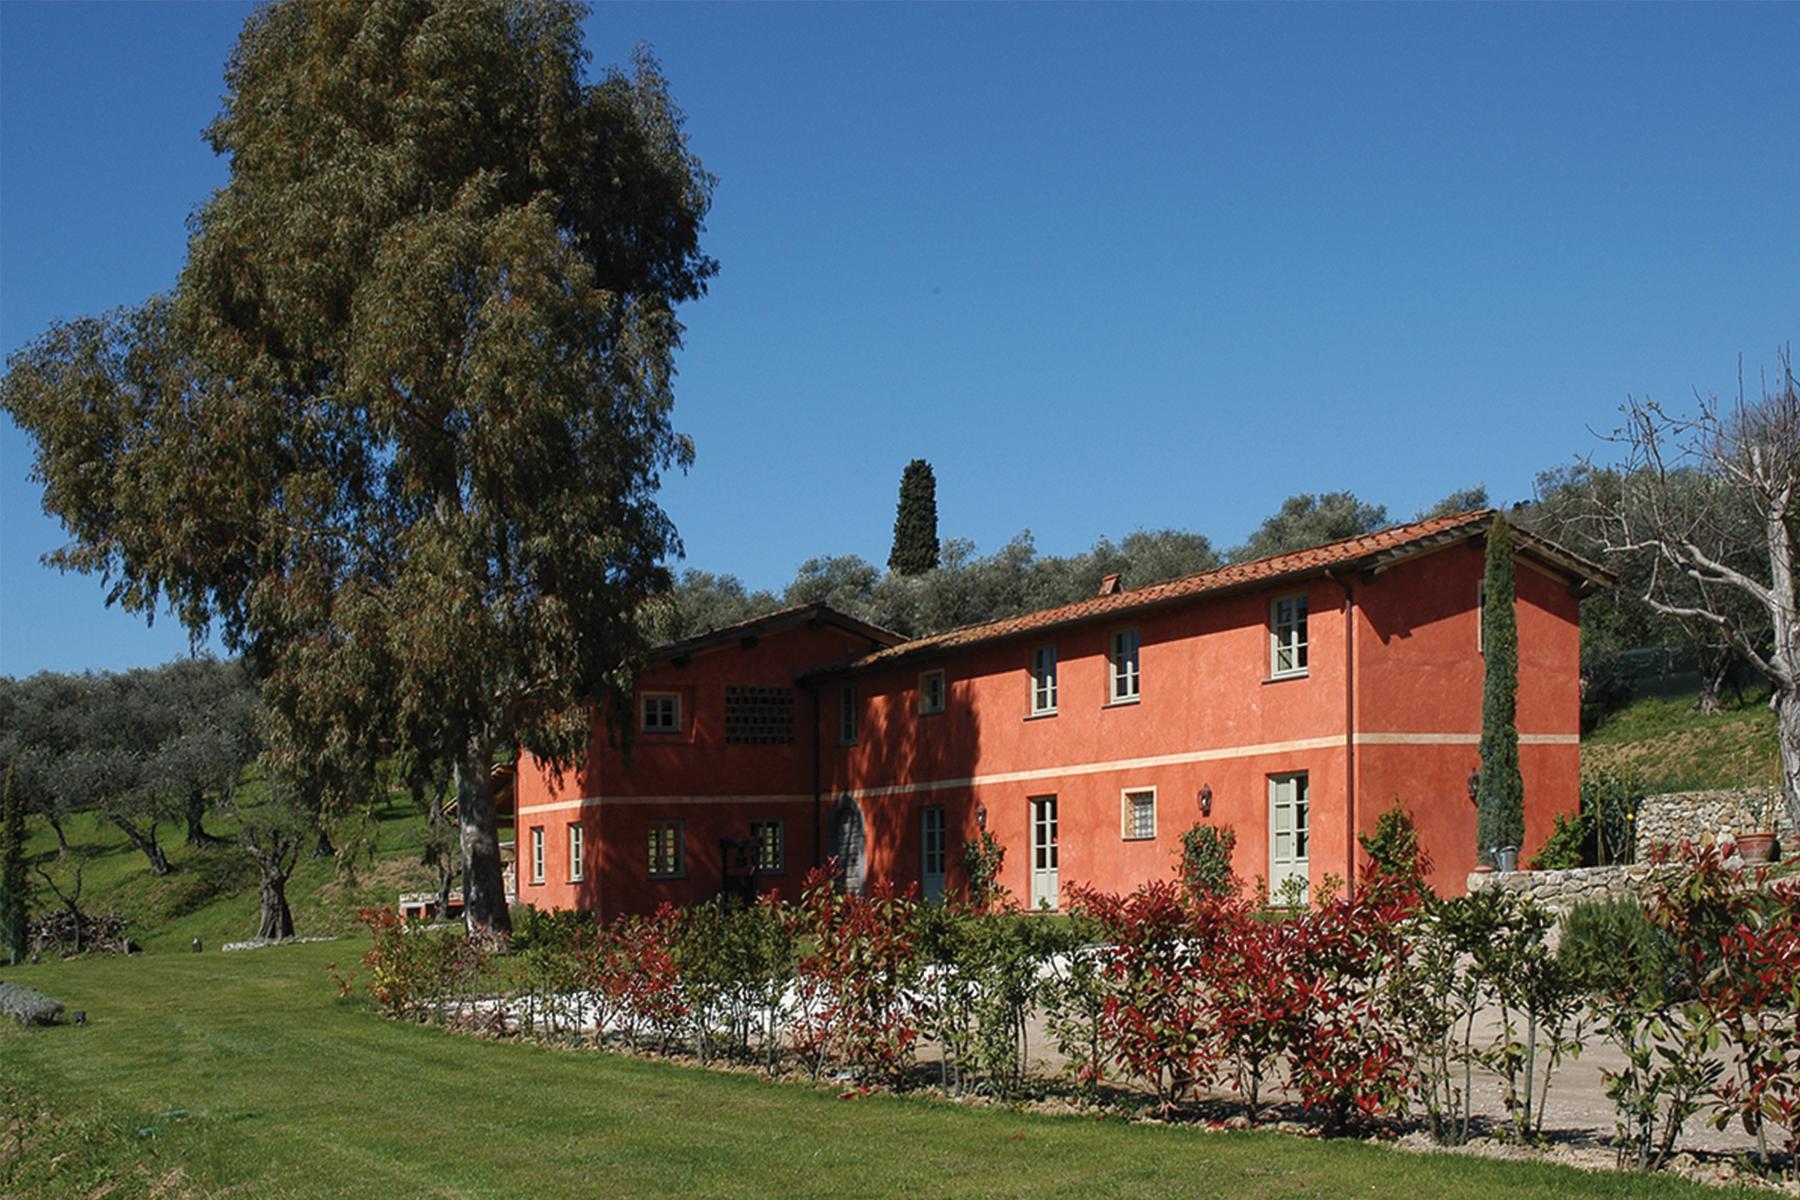 Maison de campagne près de Lucca